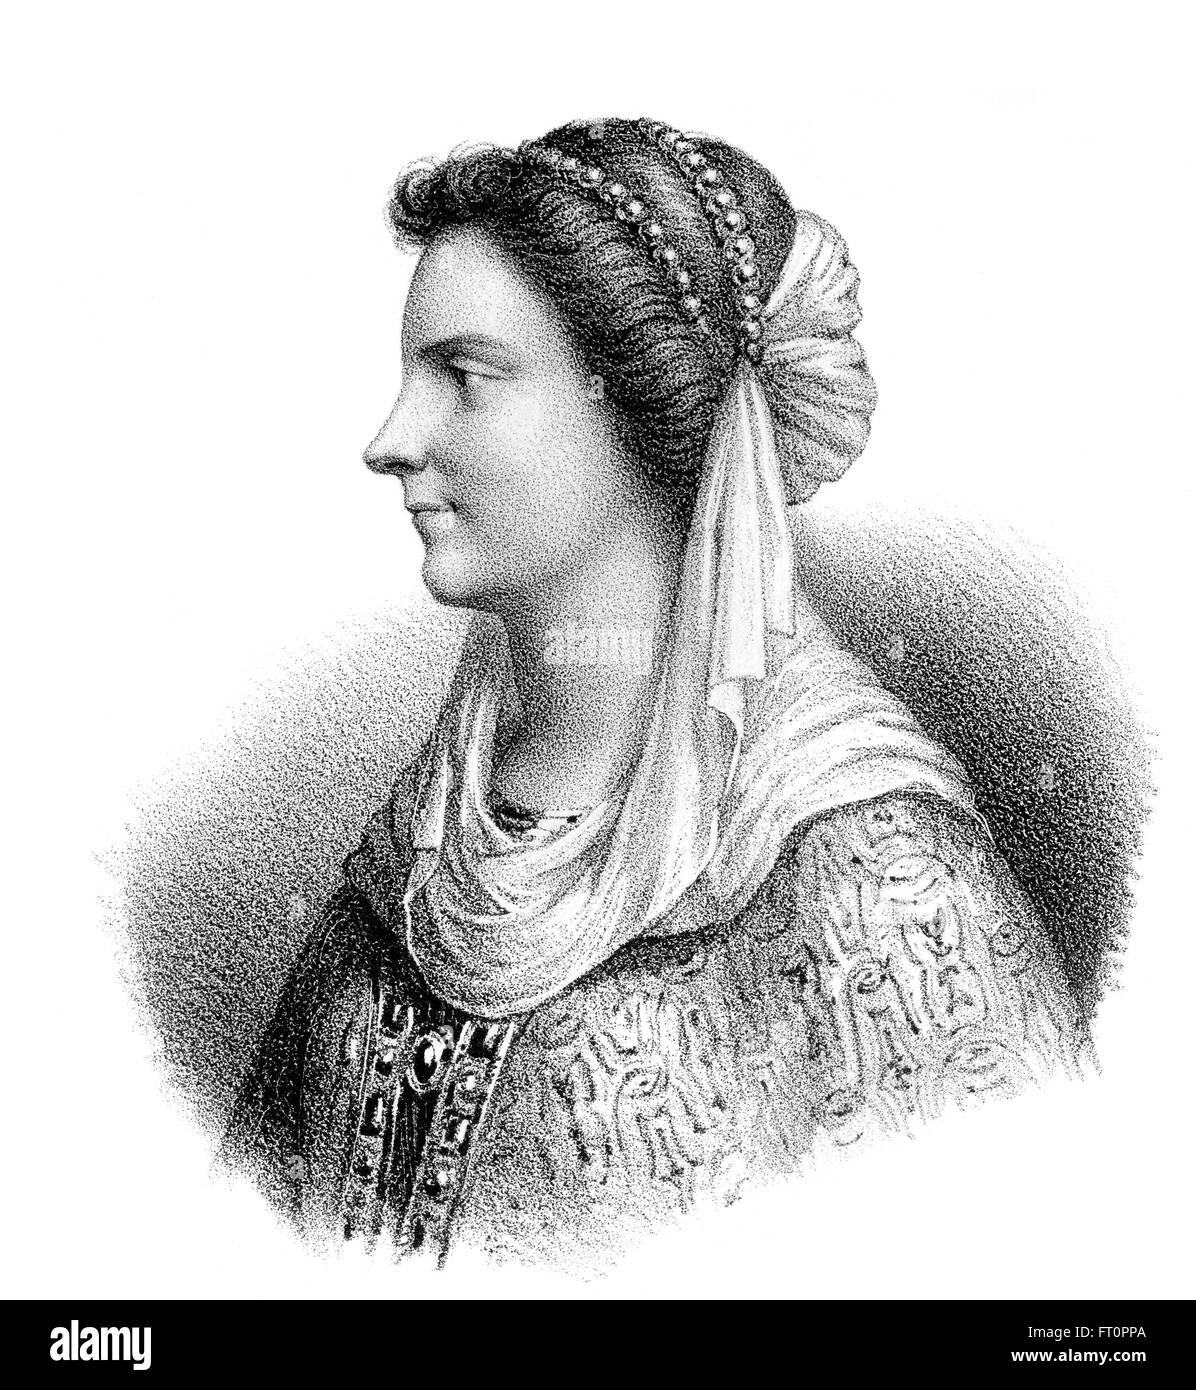 Nantechild, Nanthild, c. 610-642, eine fränkische Queen Consort und Regent, Frau, Dagobert i., König der Franken, 629-639 Stockfoto